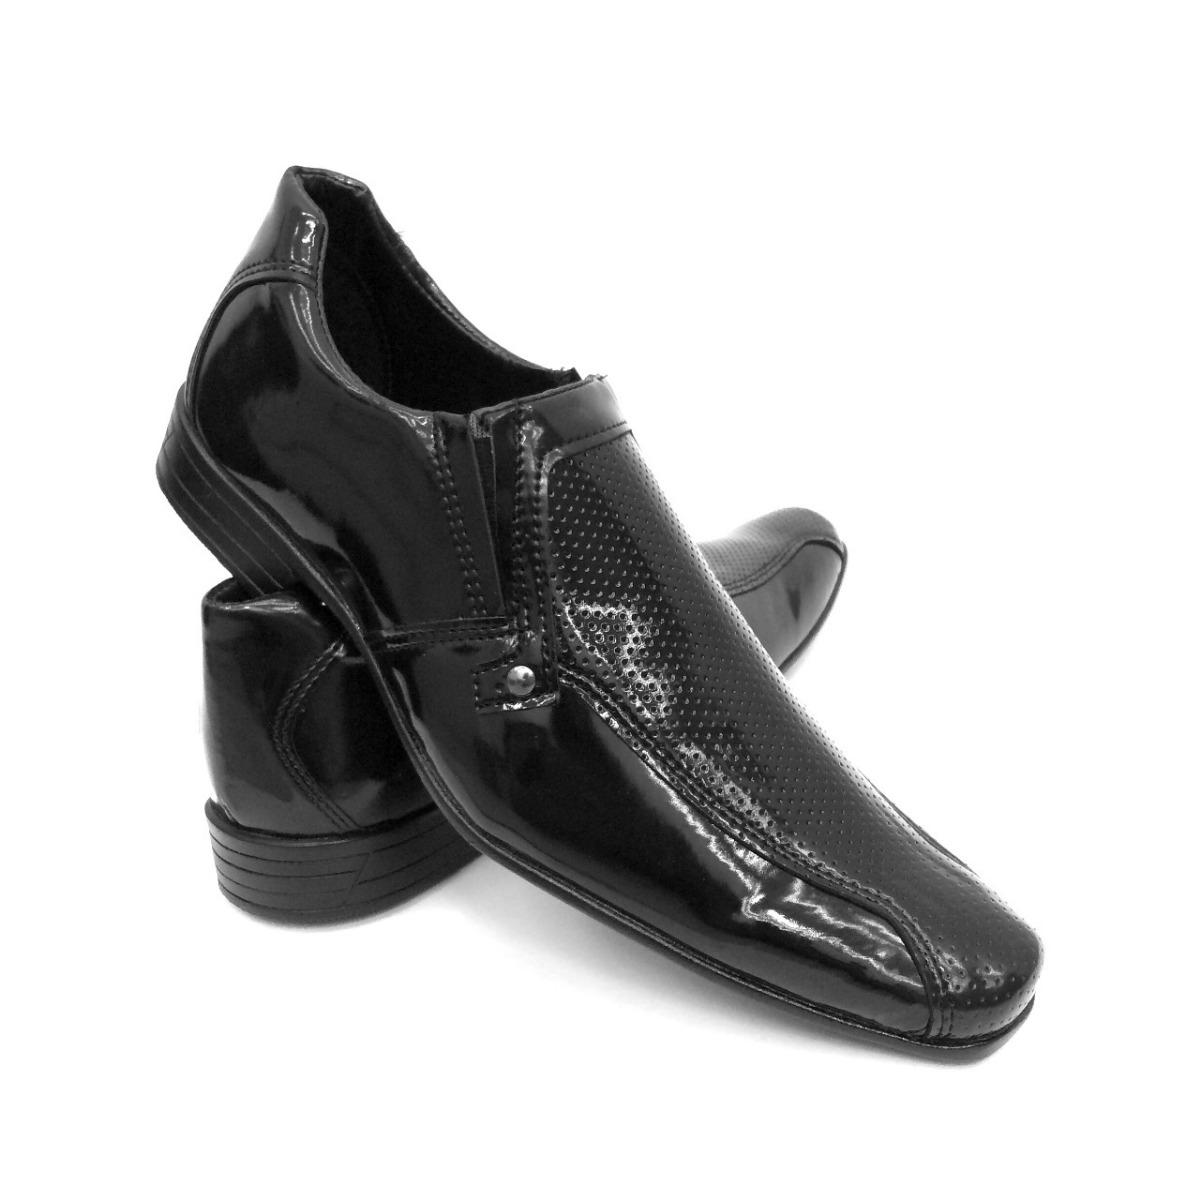 d85947d76 Características. Marca Impact Shoes; Modelo Social; Gênero Masculino; Tipo  de calçado Sapatos Sociais ...